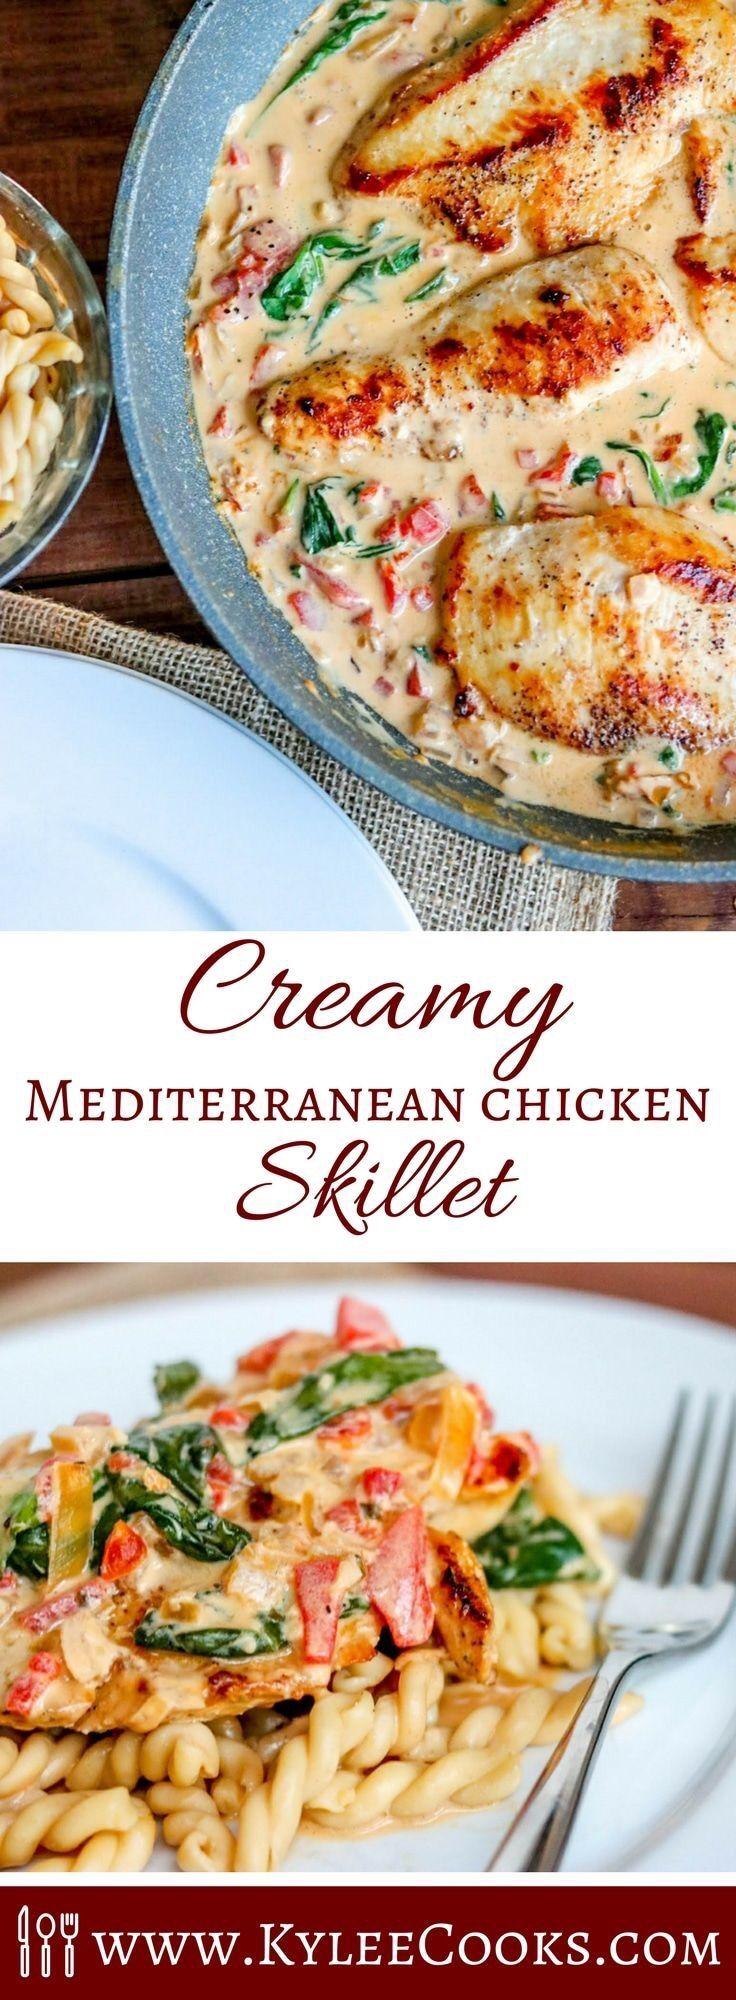 Creamy Mediterranean Chicken Dinner(in a Skillet) | Kylee Cooks